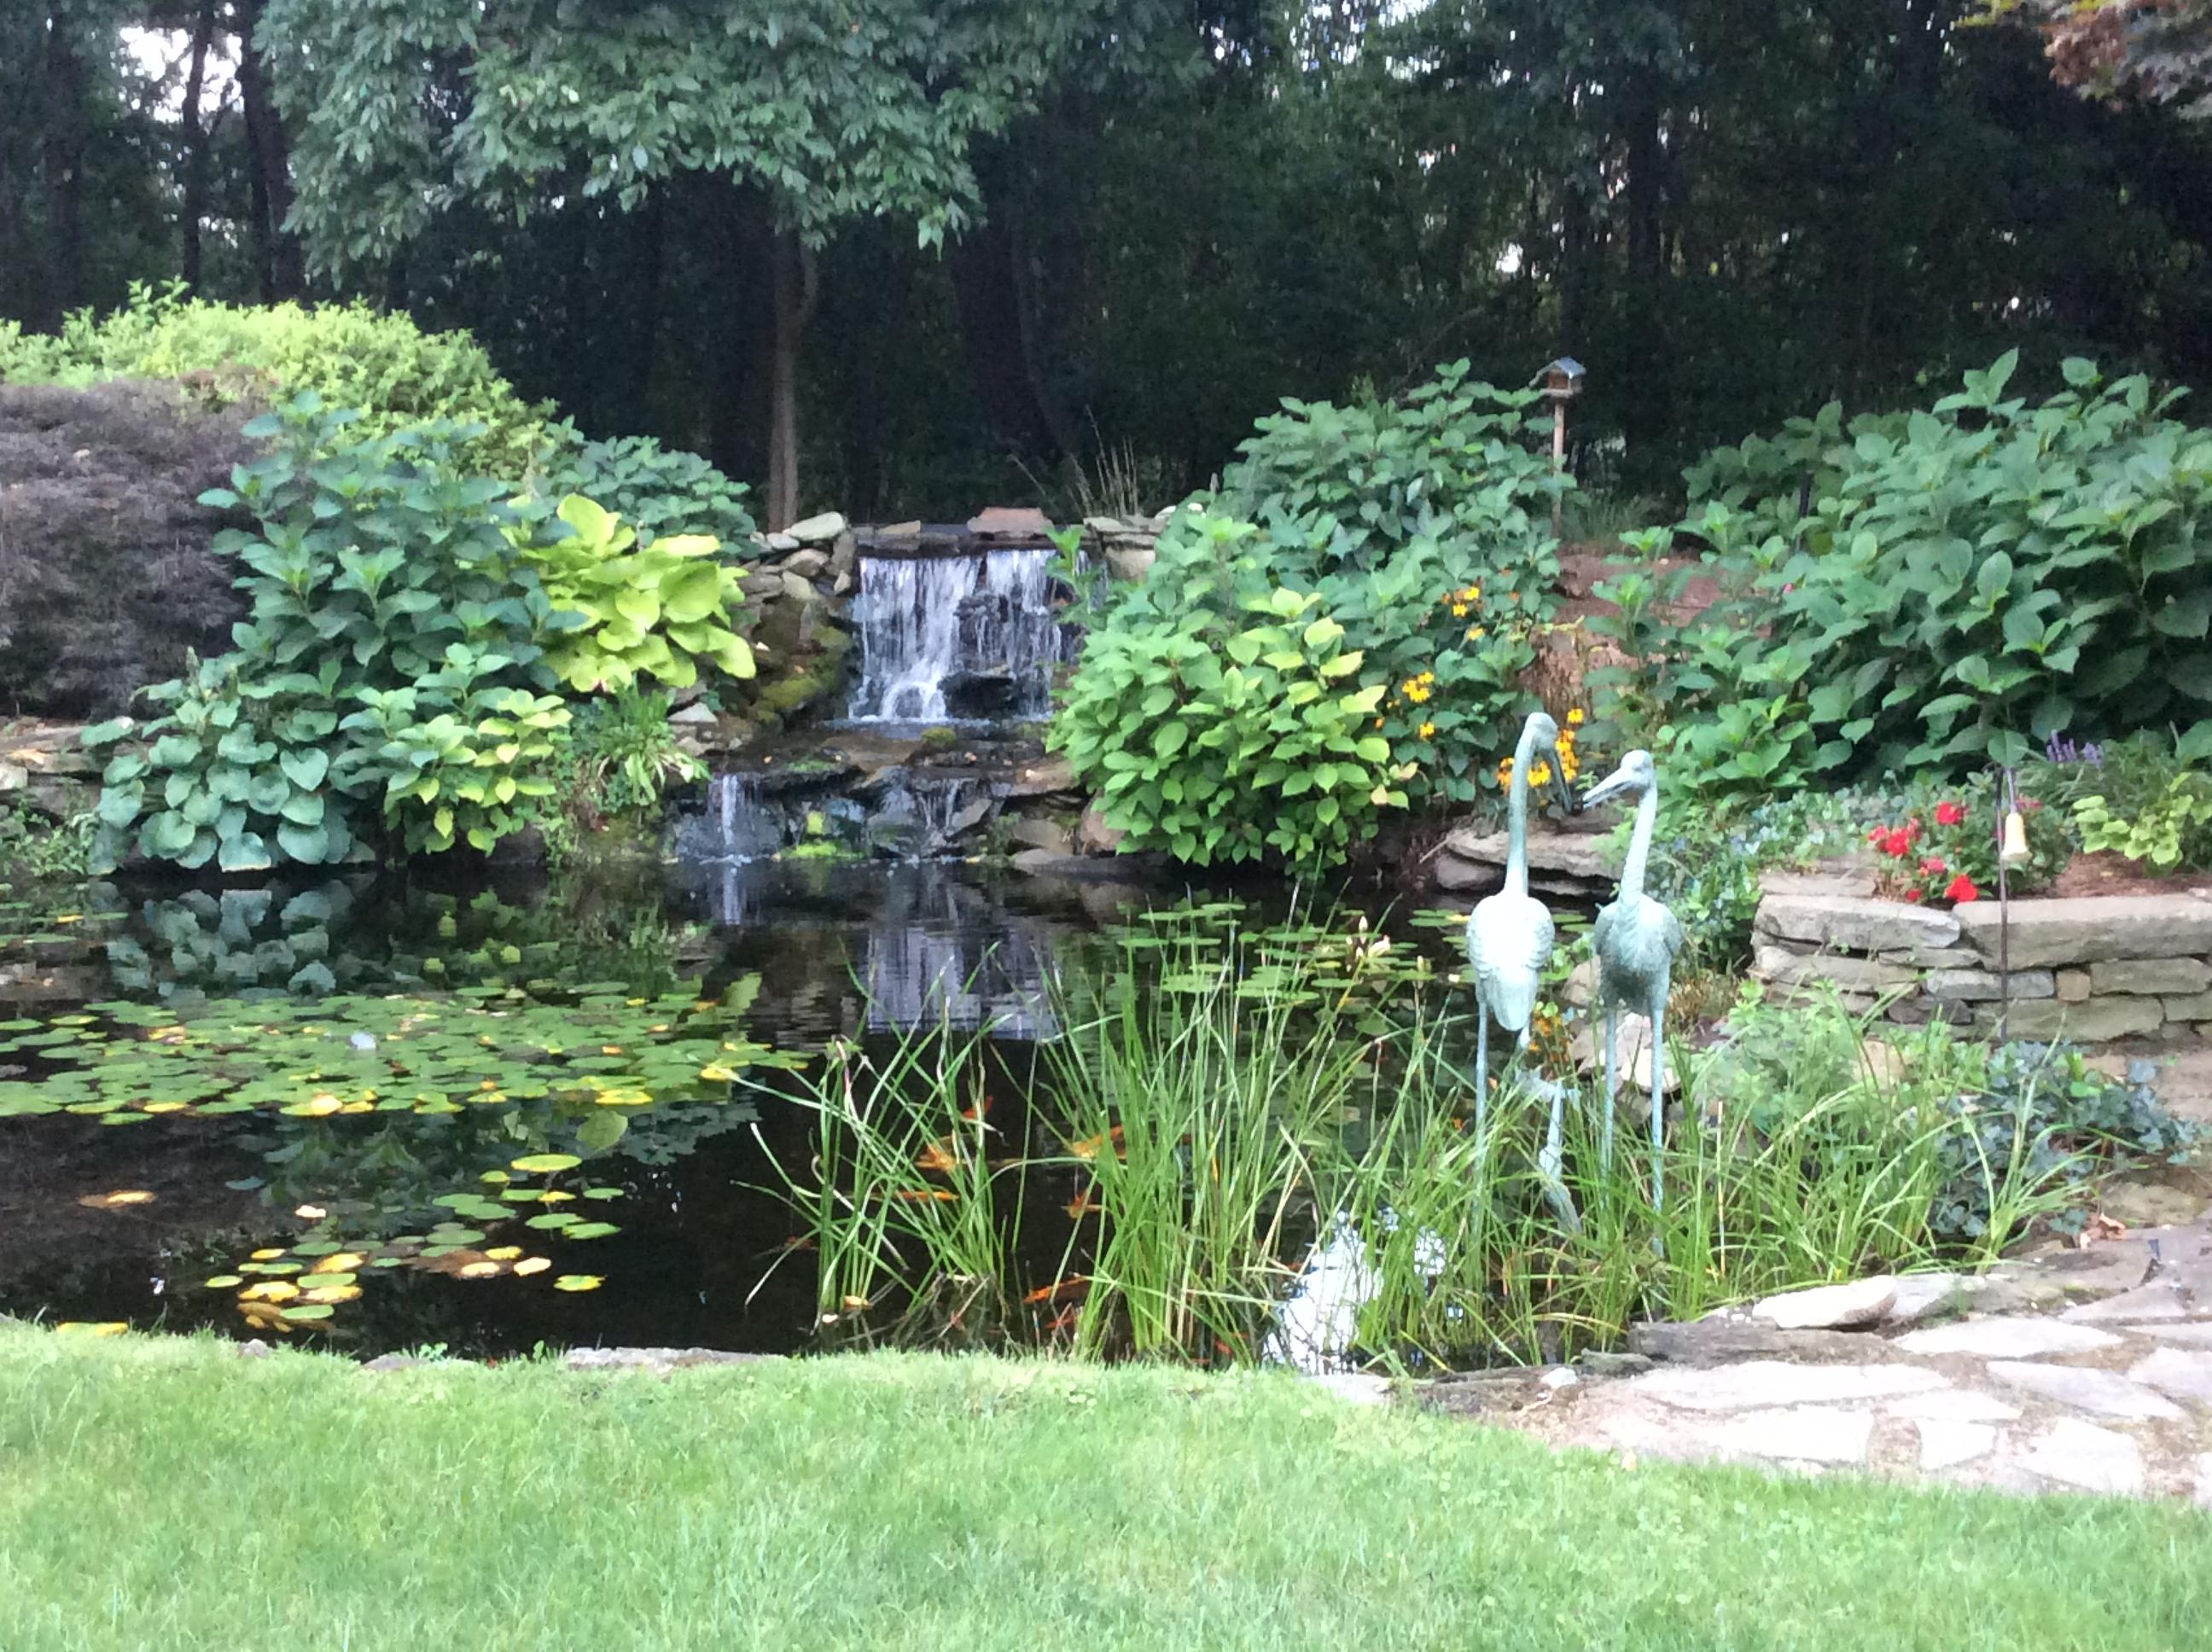 Joe antine landscape design contractor bergen county for Xd garden design